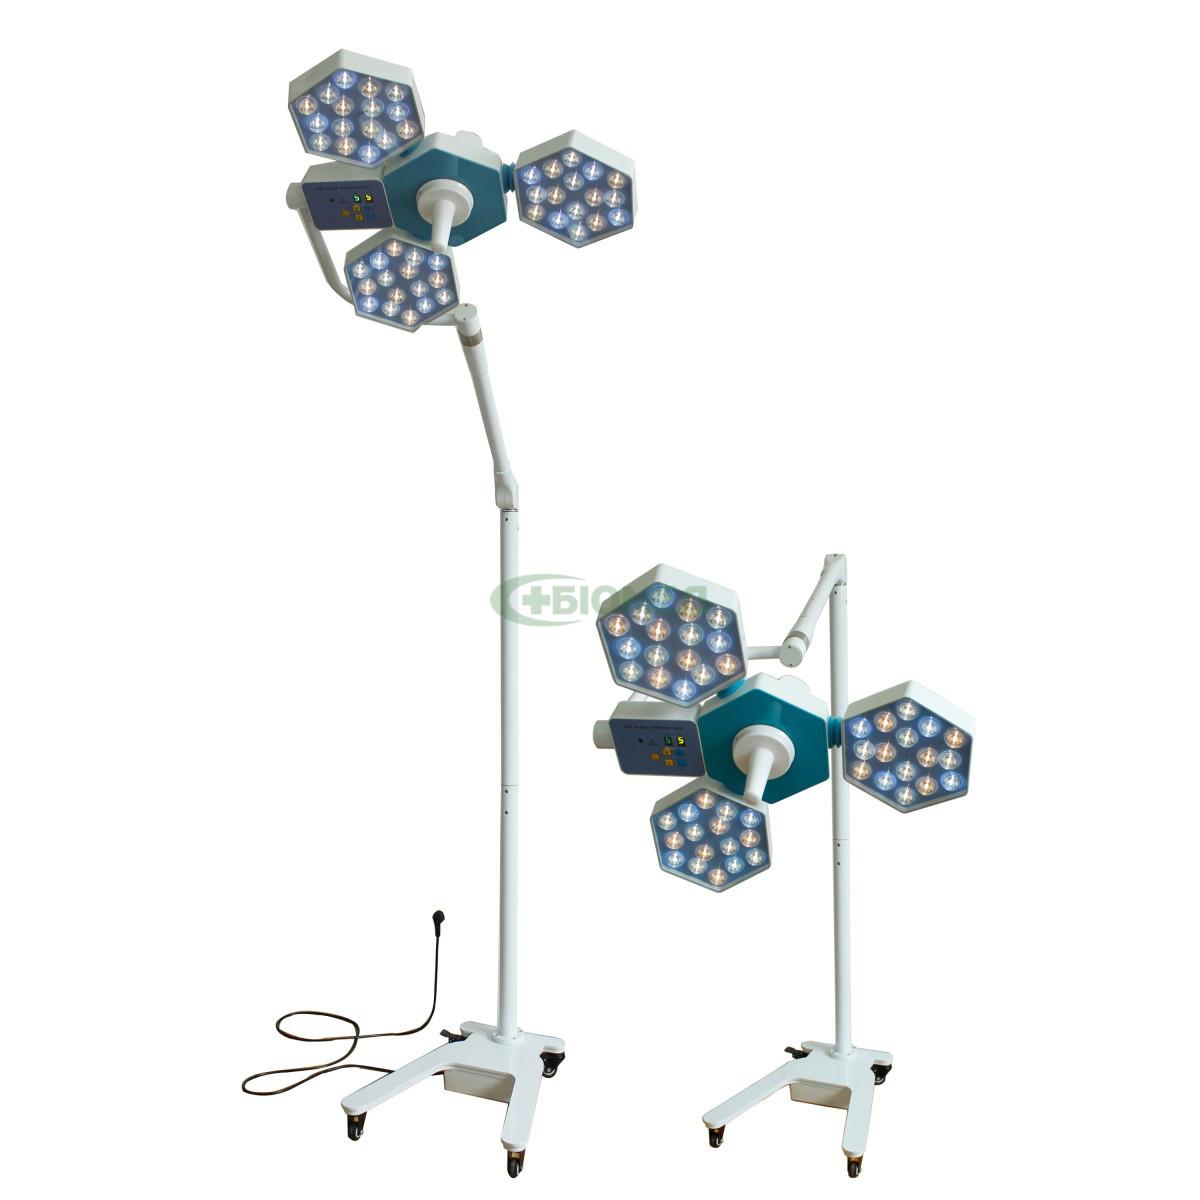 Светильник DL-LED03M передвижной светодиодный